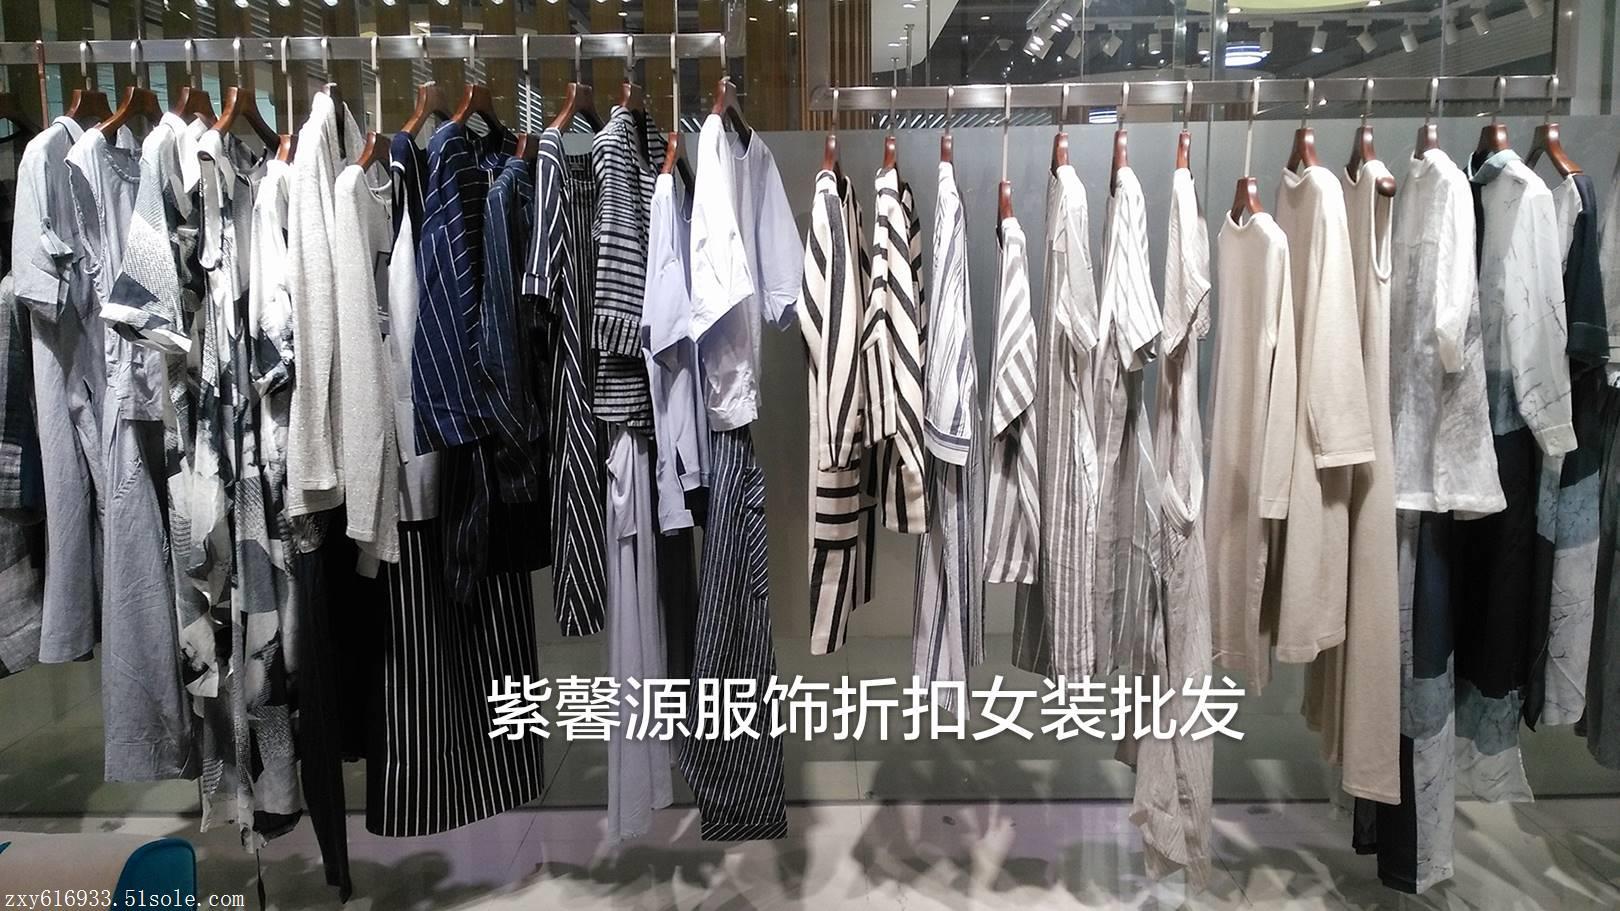 供应一线高端品牌折扣女装,尾货品牌女装,库存女装尾货走份